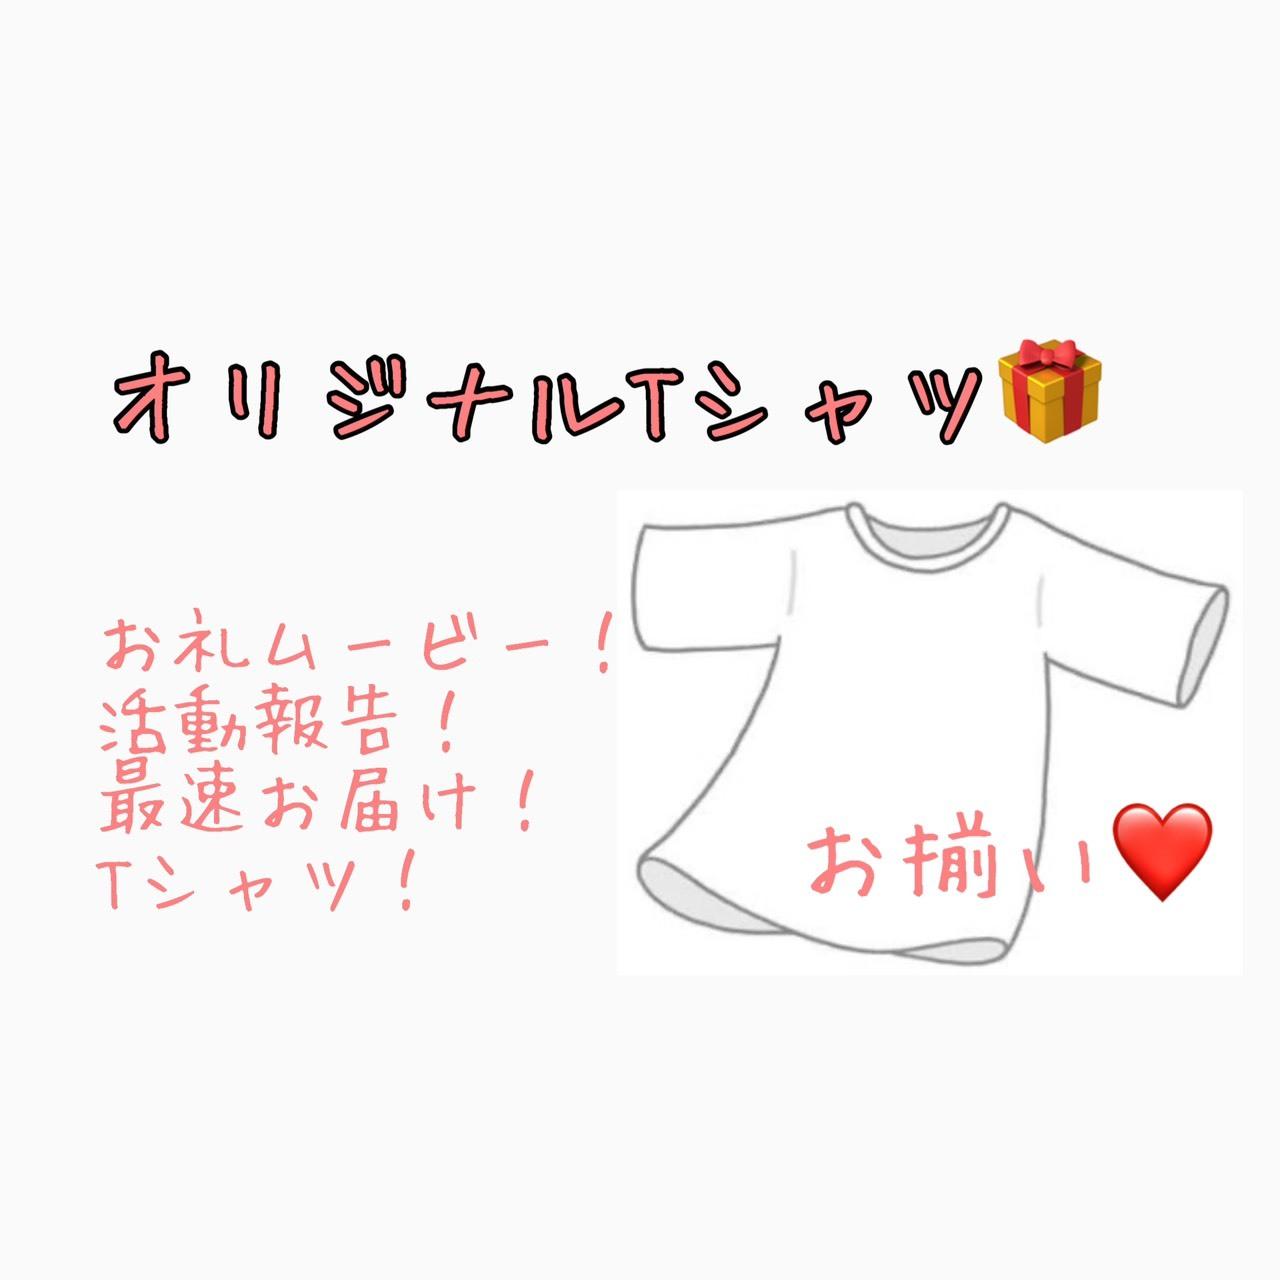 <お揃い着よう!ミニアルバム制作記念オリジナルTシャツプラン>